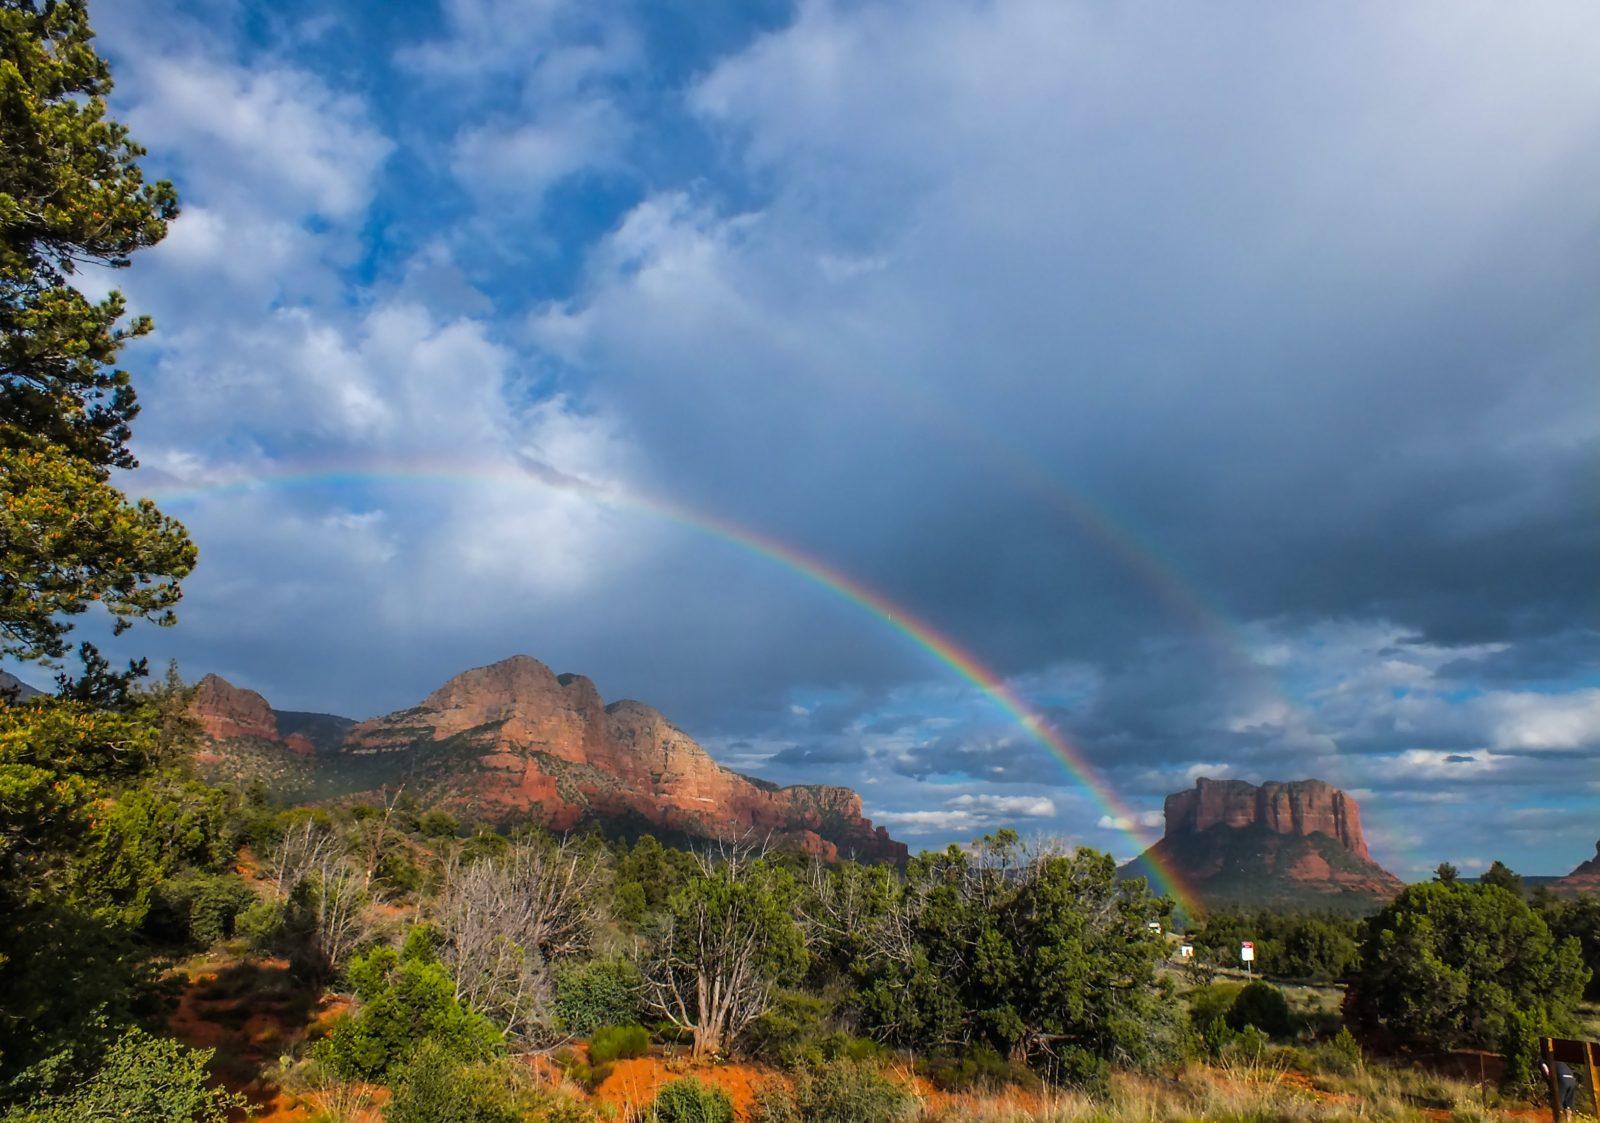 Rainbow over Arizona mountain range